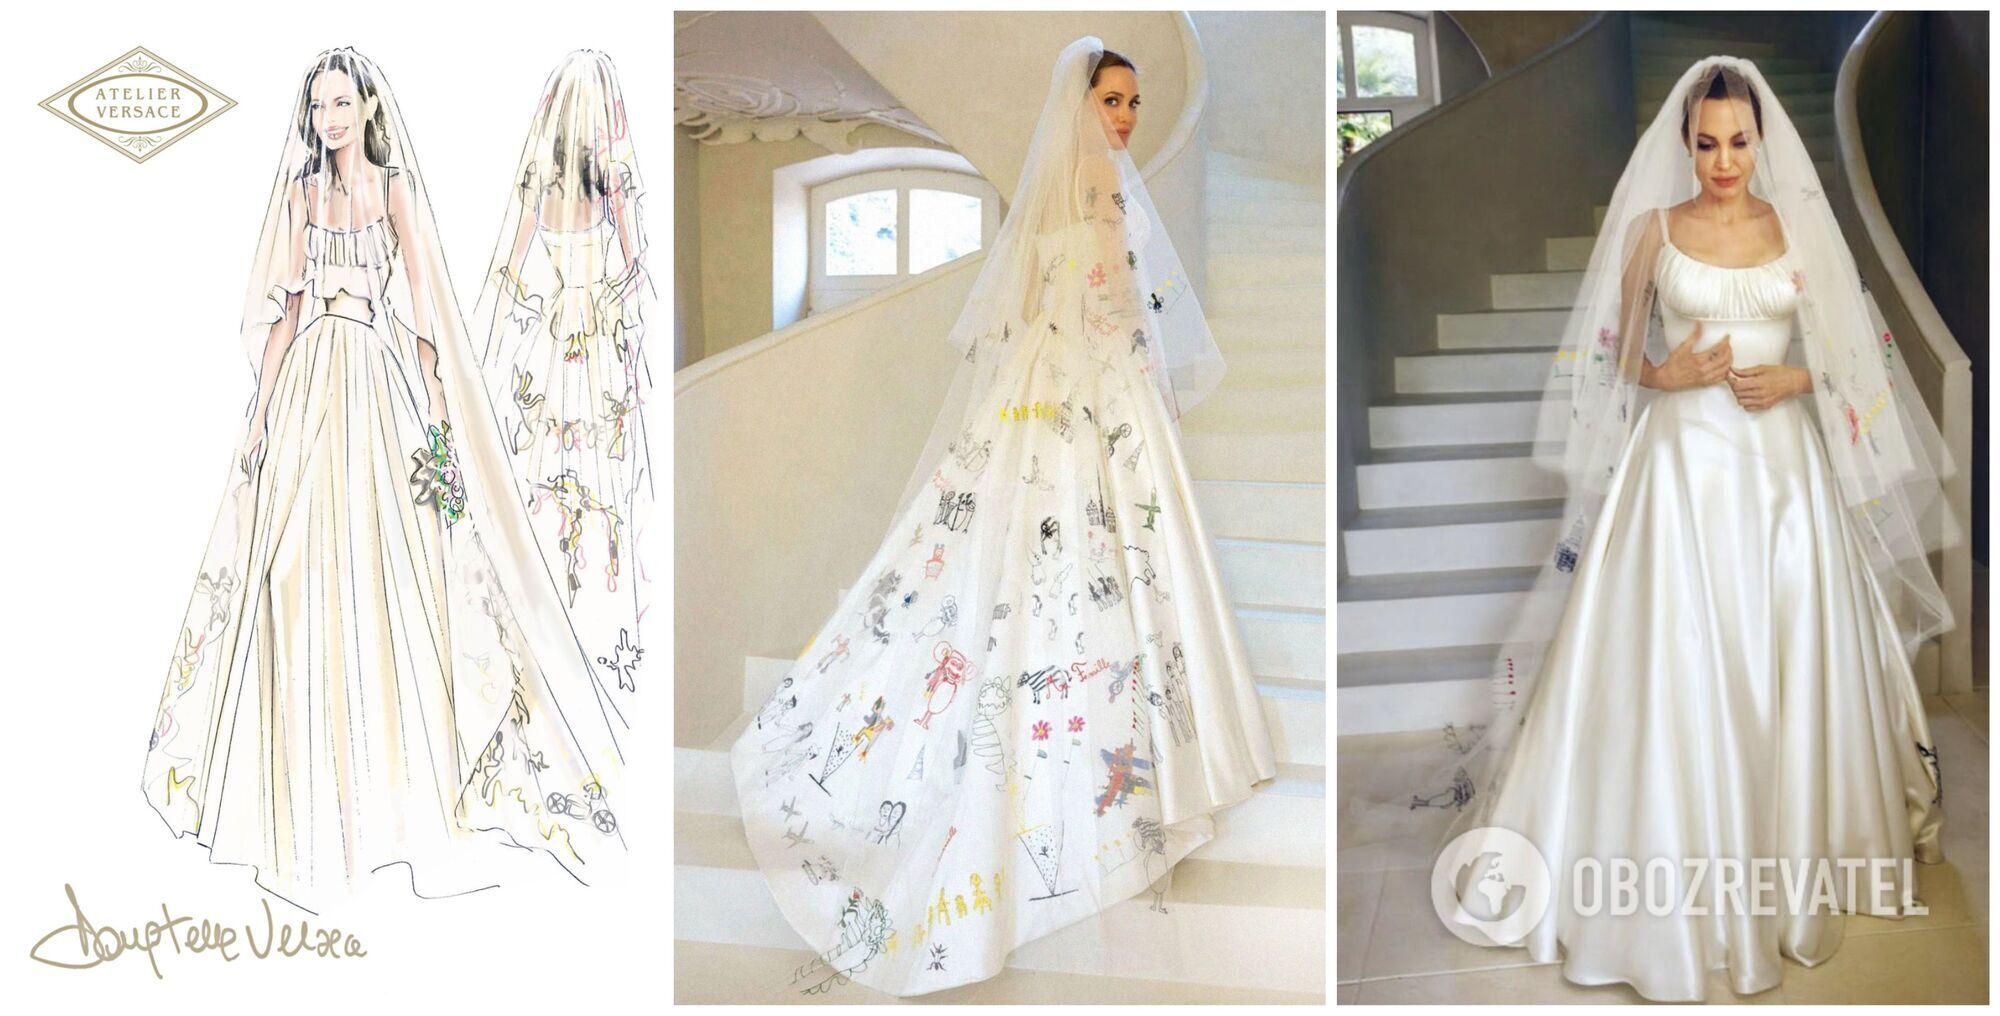 Свадебное платье Анджелина Джоли в 2014 году из ателье Versacе